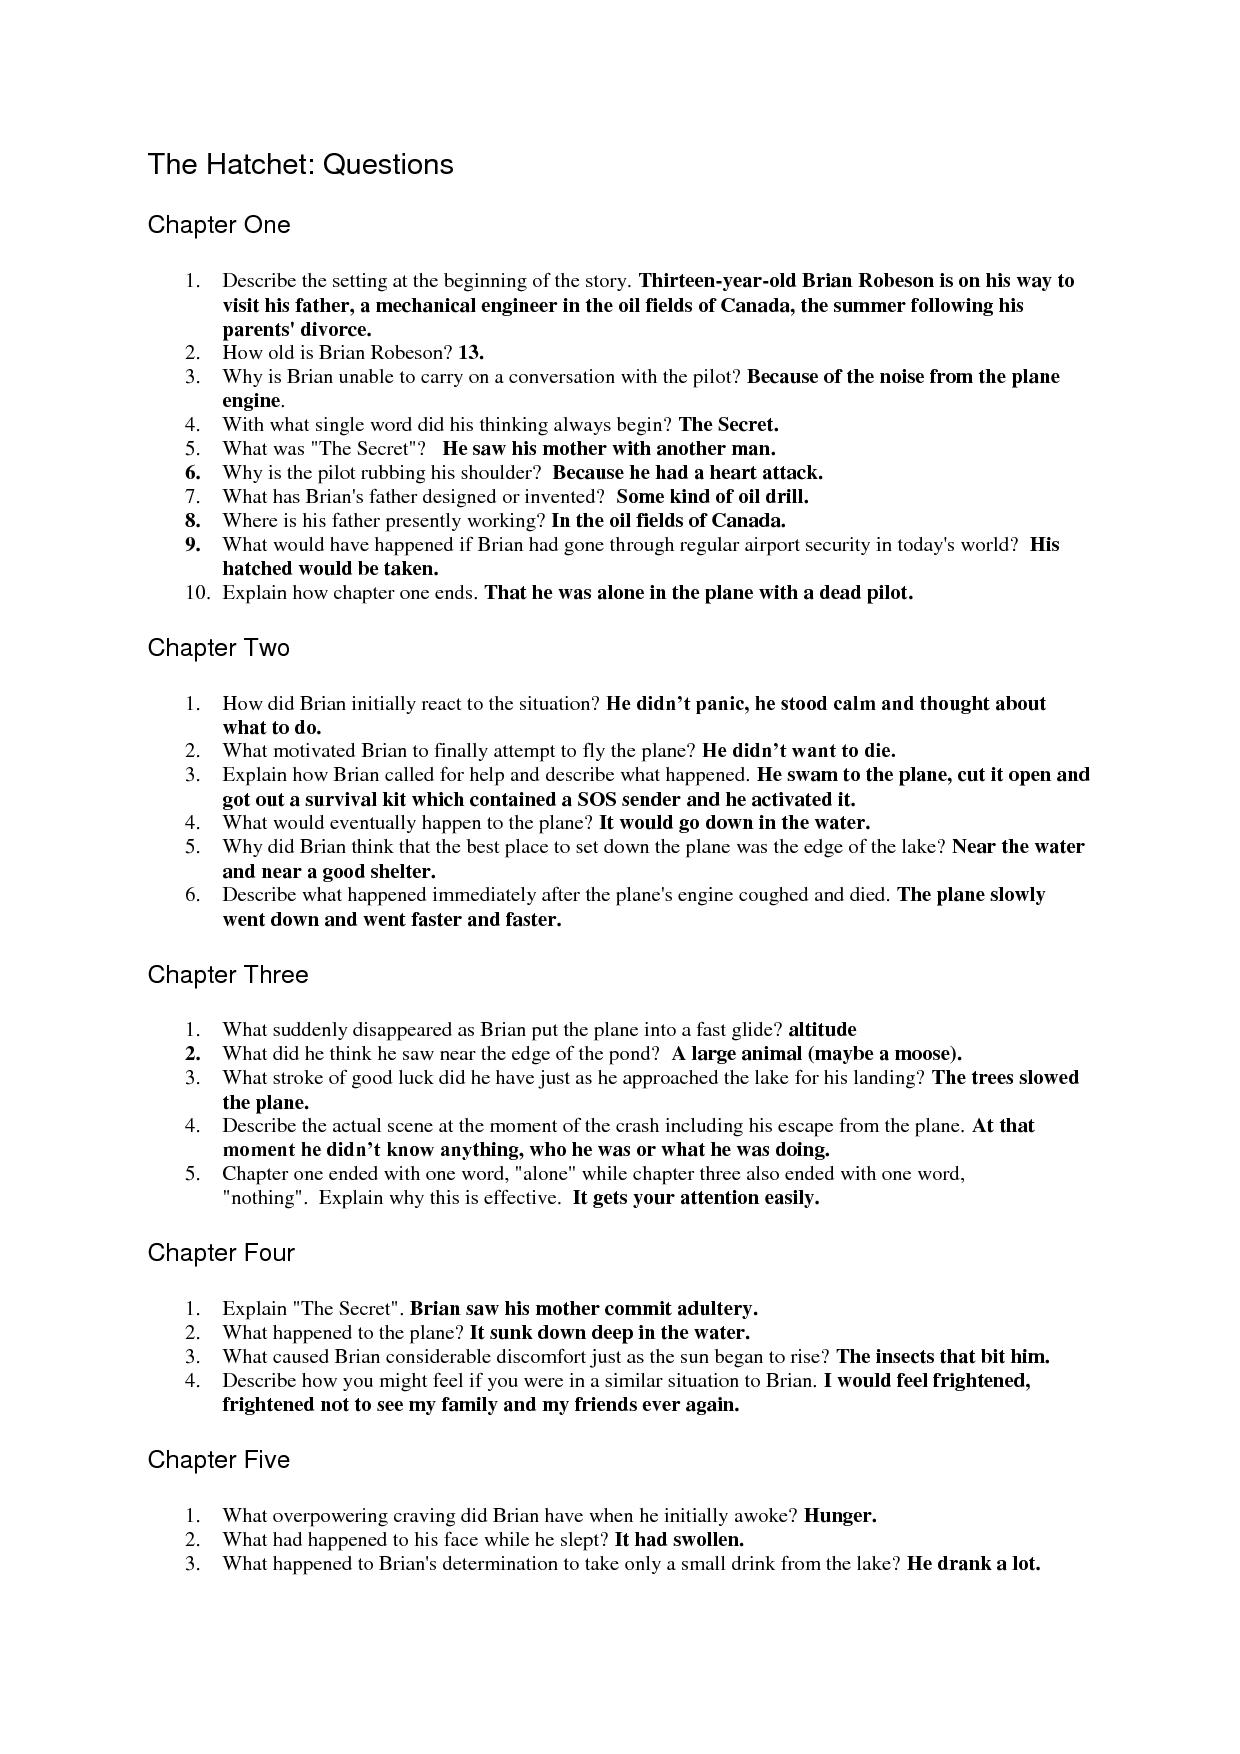 The Hatchet Question Sheet